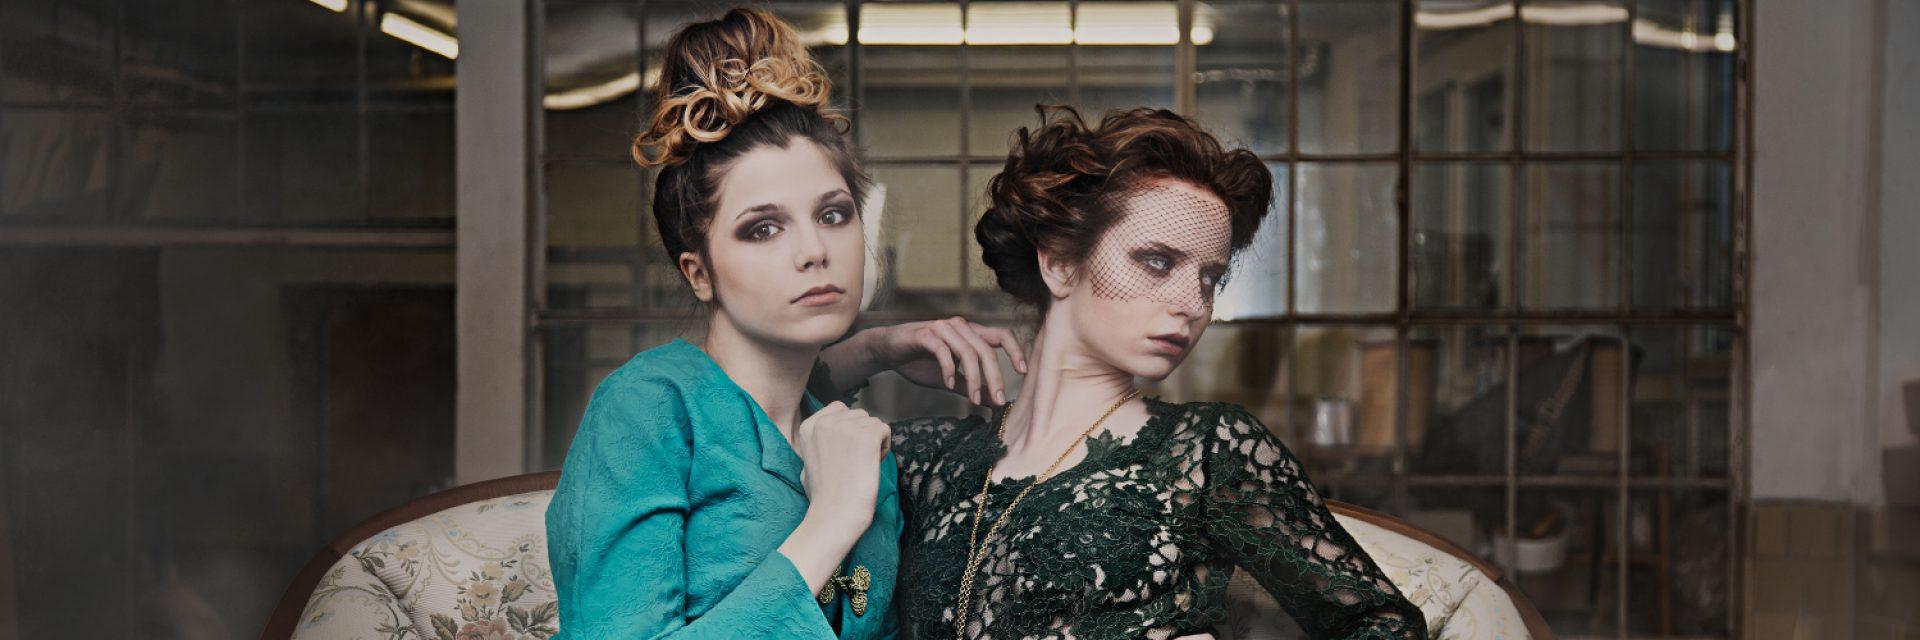 Modewerkstatt Susanne Landis